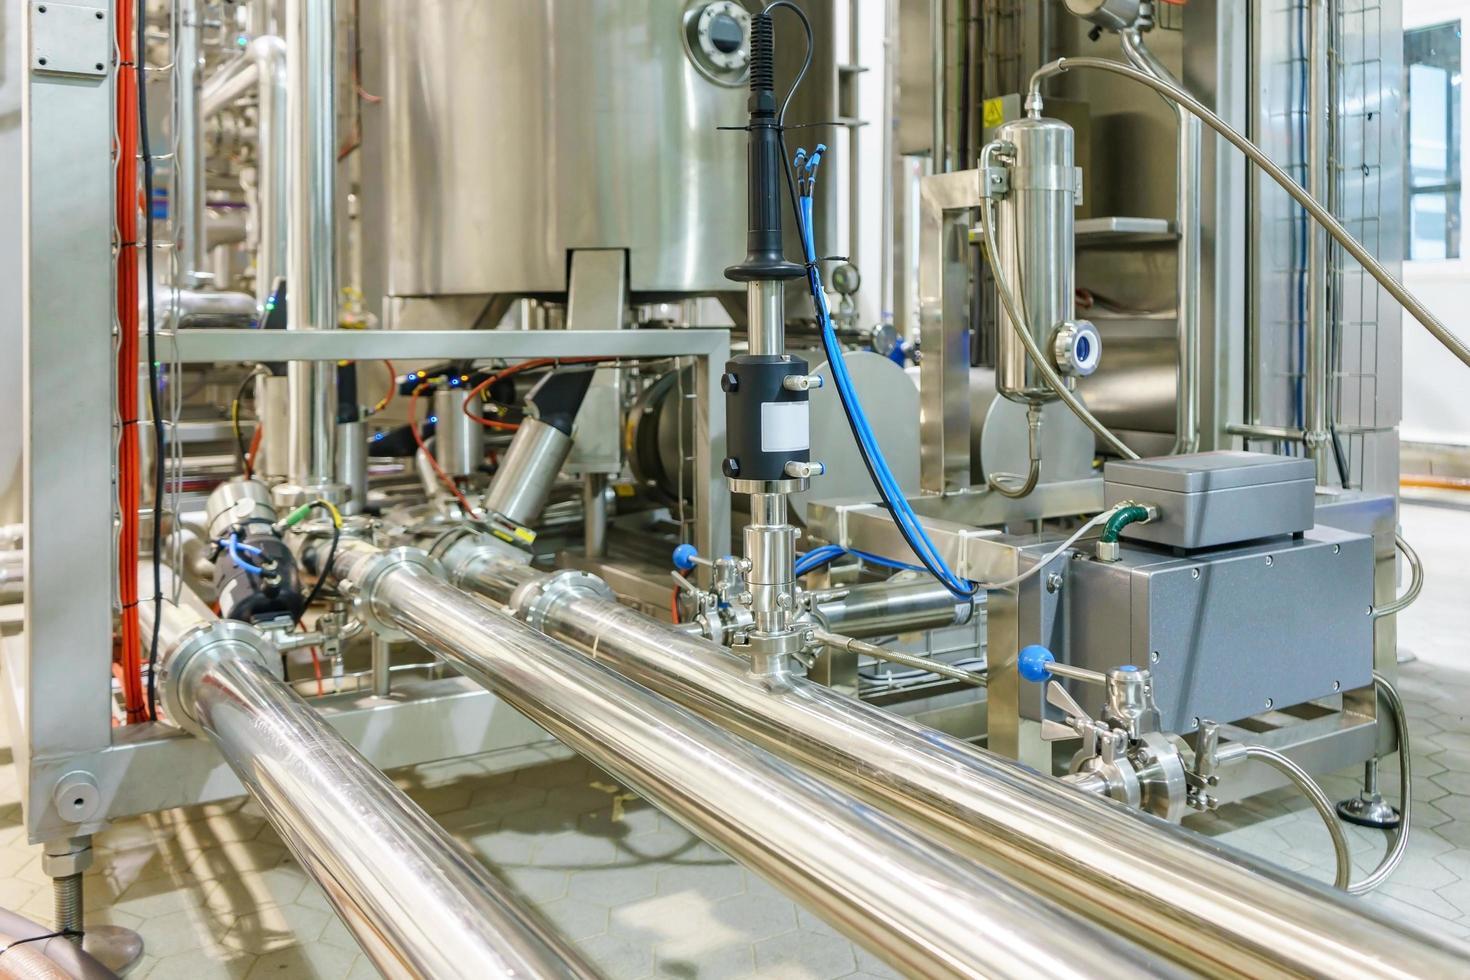 tubes d'équipement d'usine industrielle photo